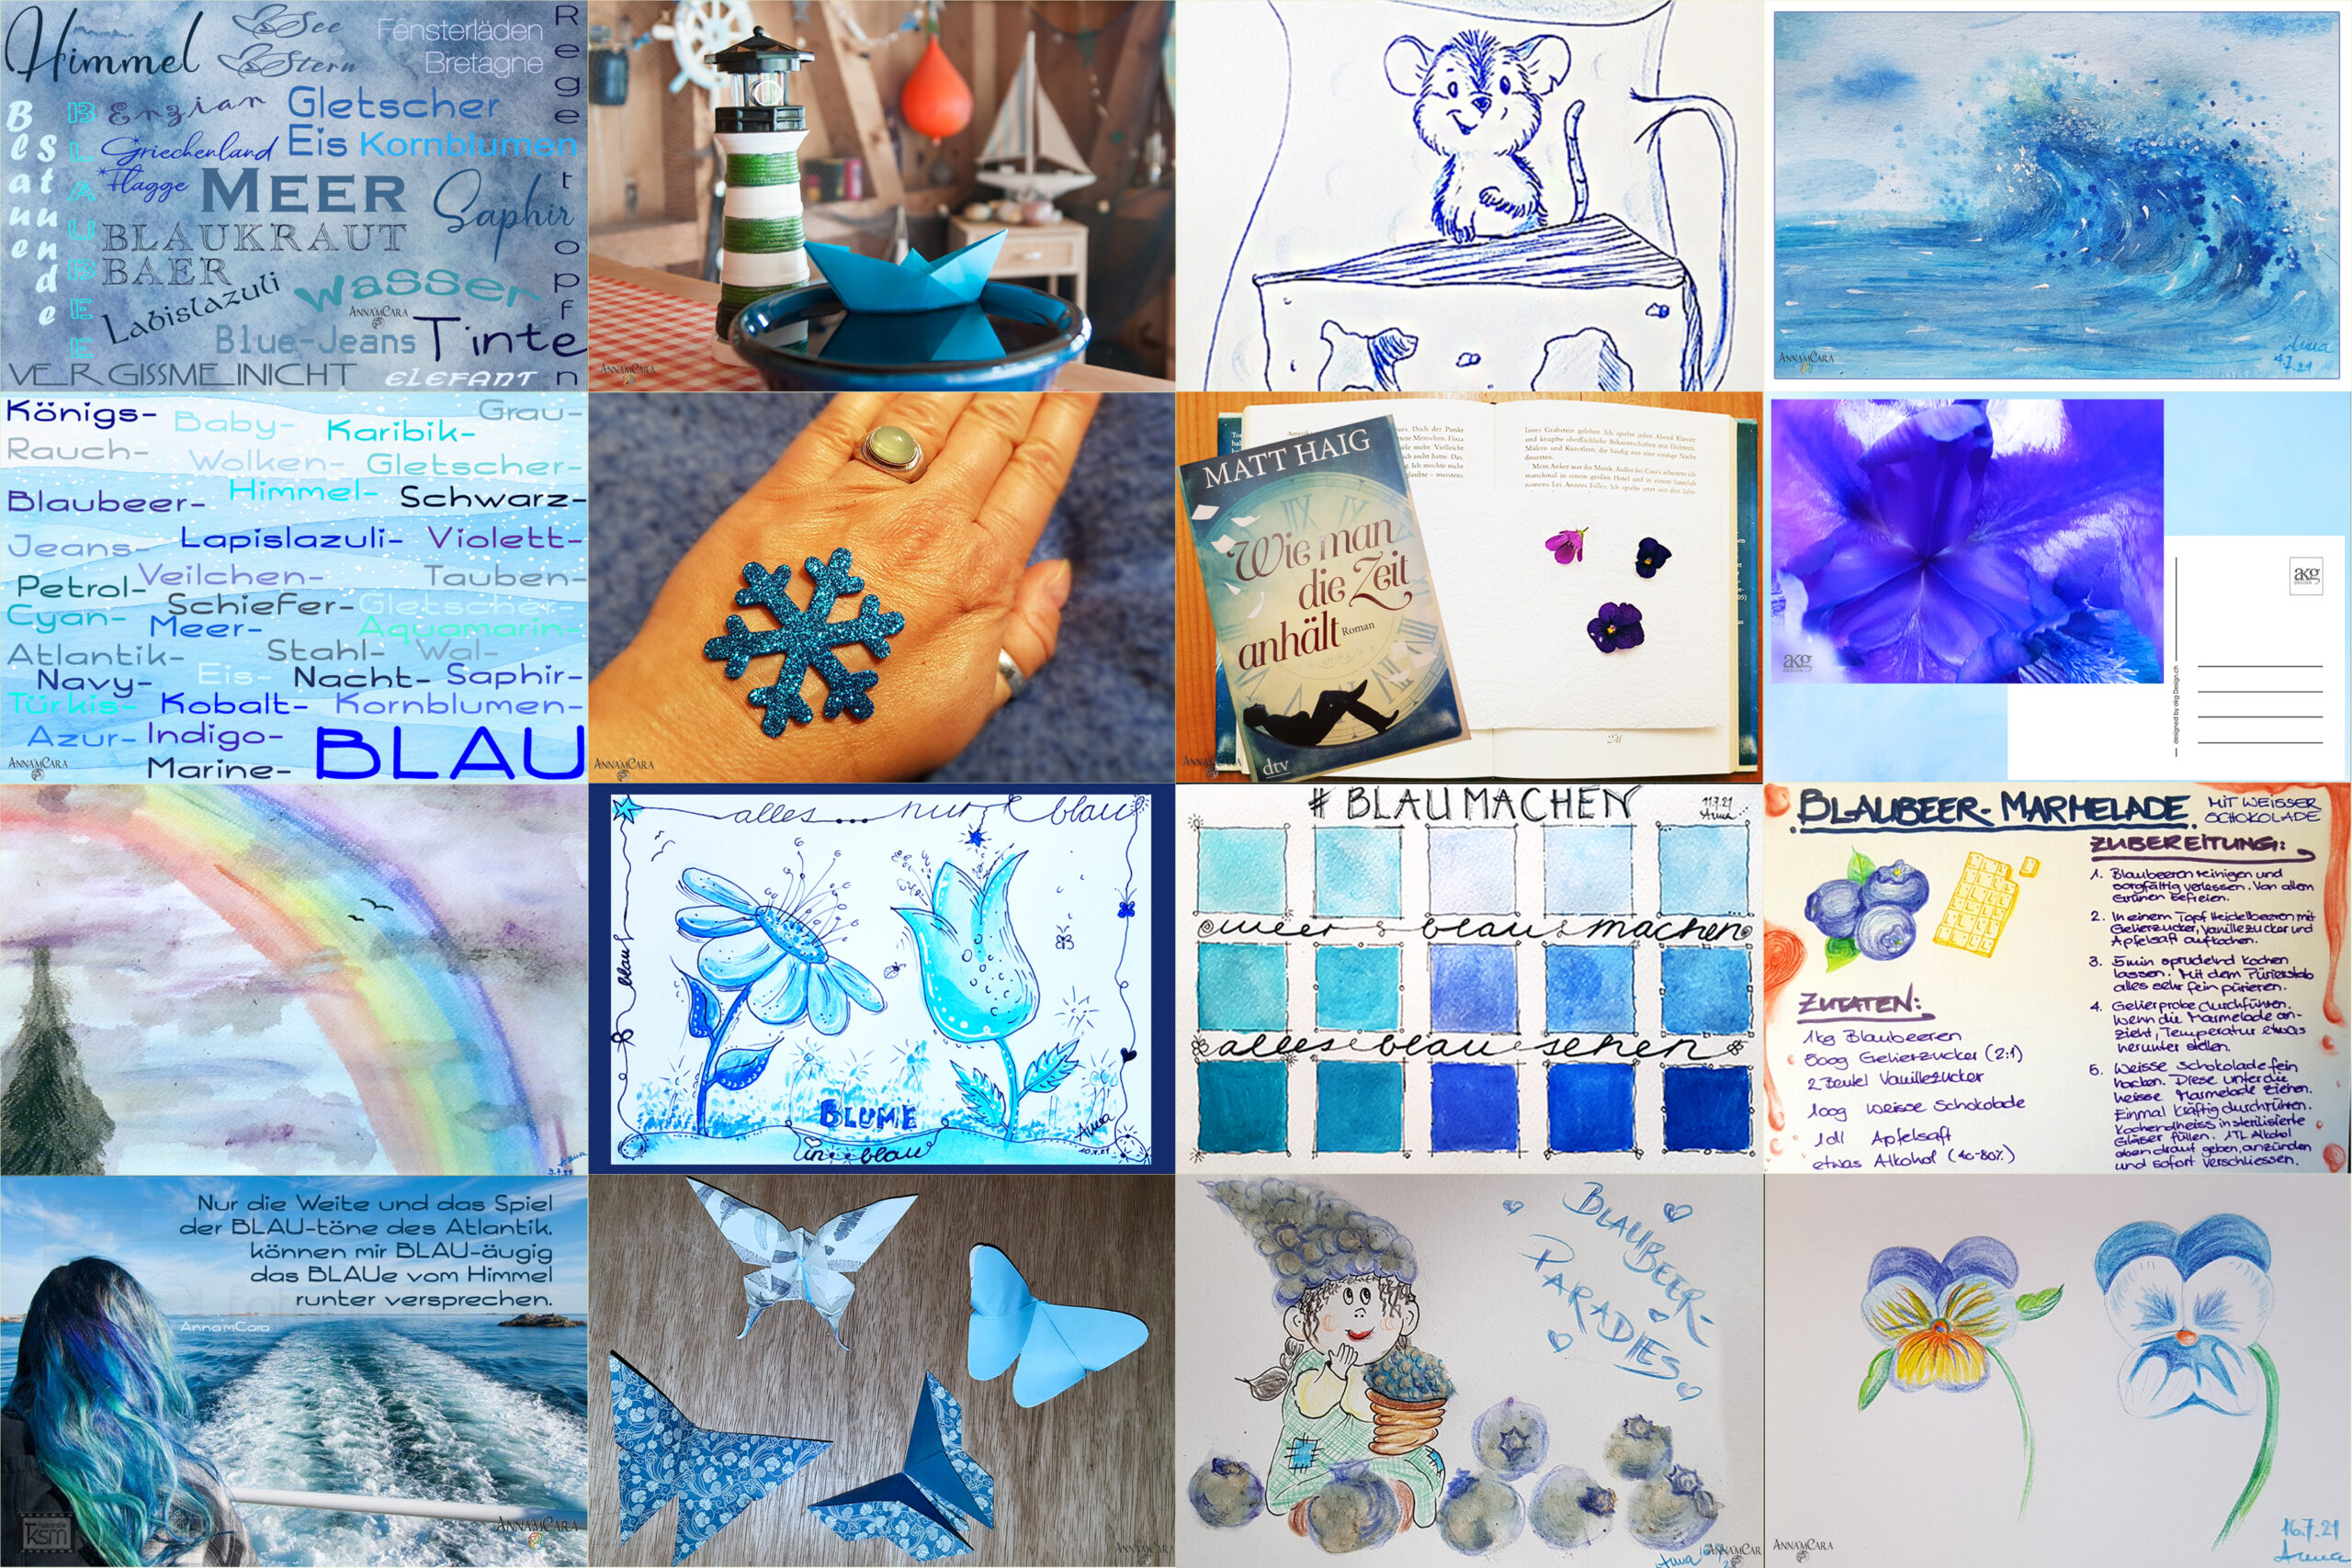 Blau machen im Juli – Tage 10 – 16